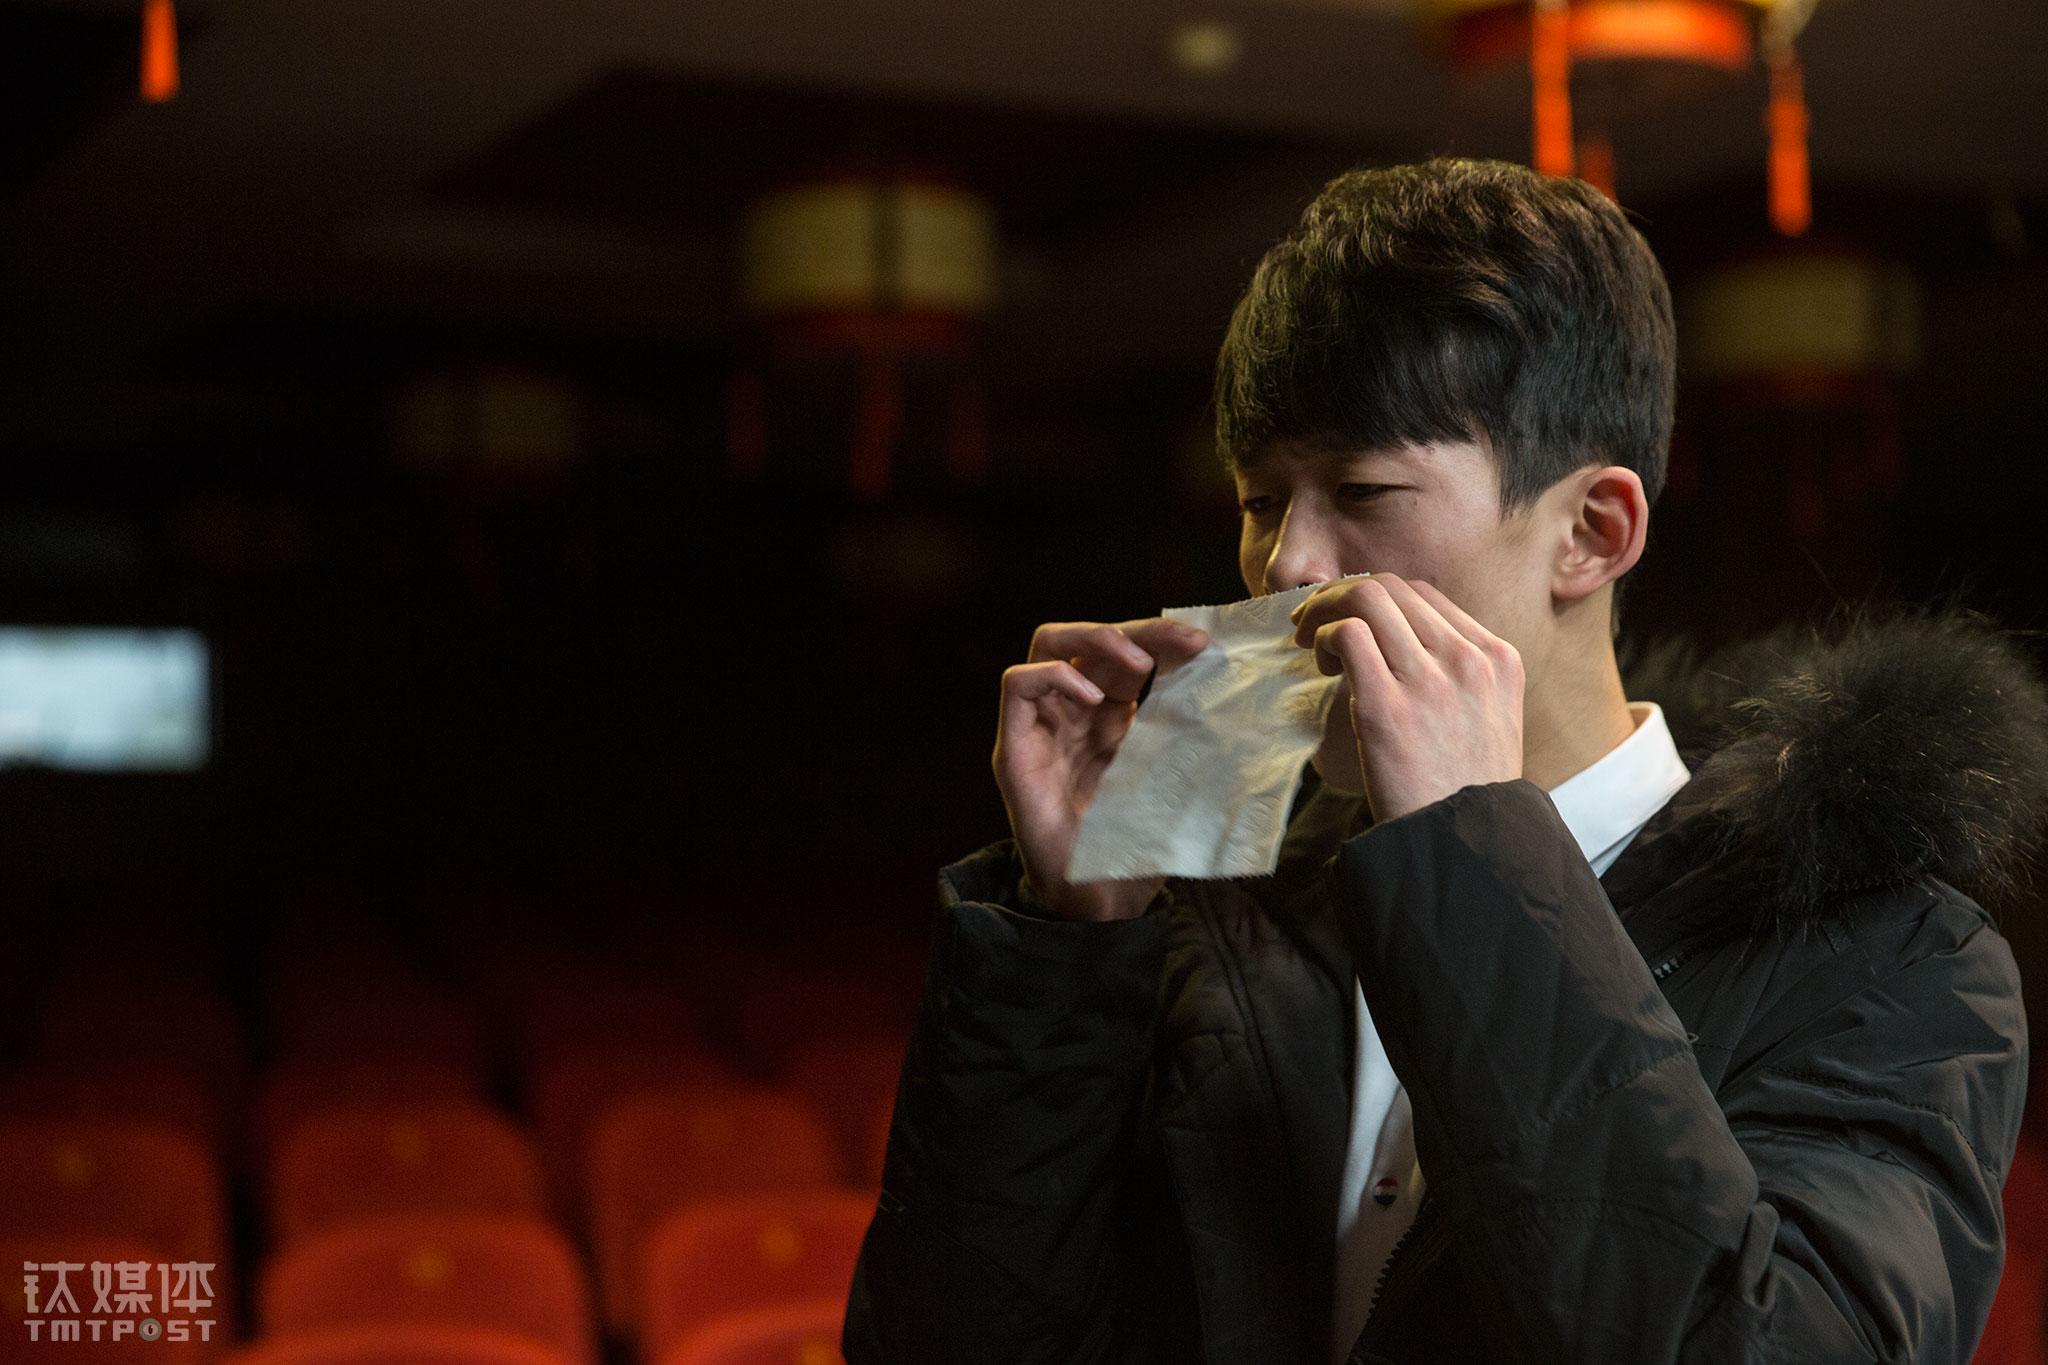 自由训练时间,演员马域宽在练习气息。